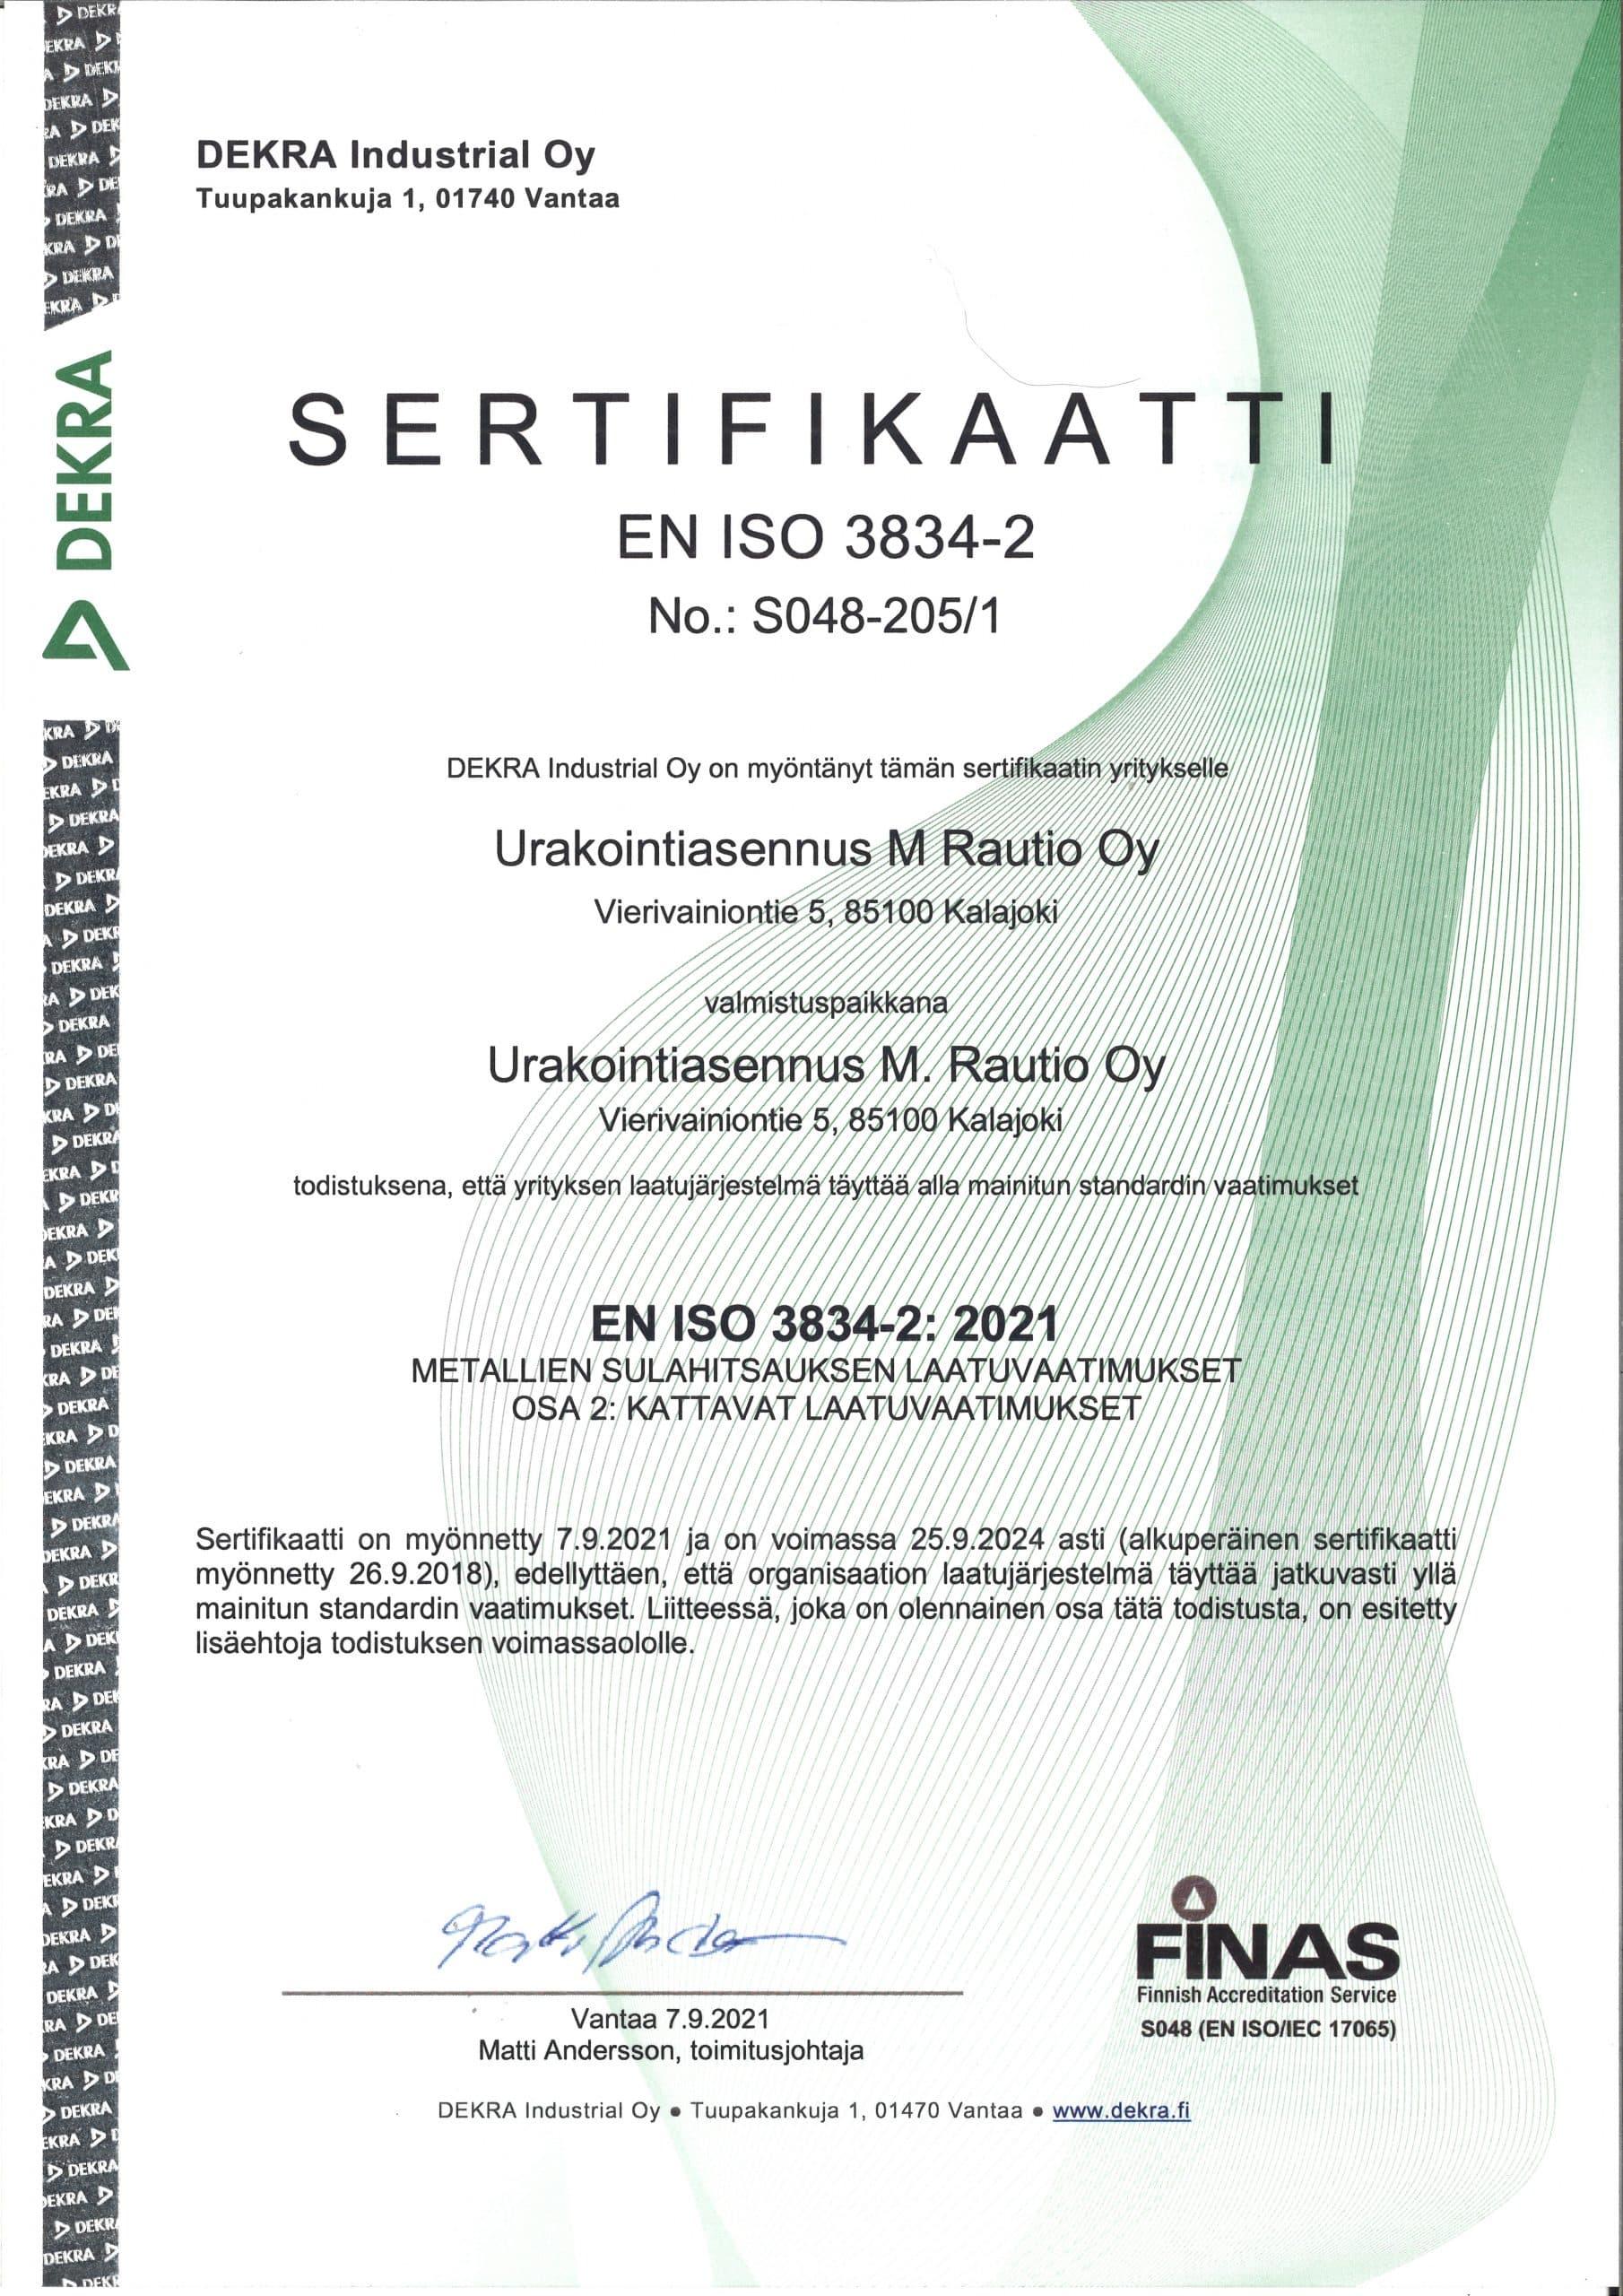 M. Rautio-IOS3834-2021